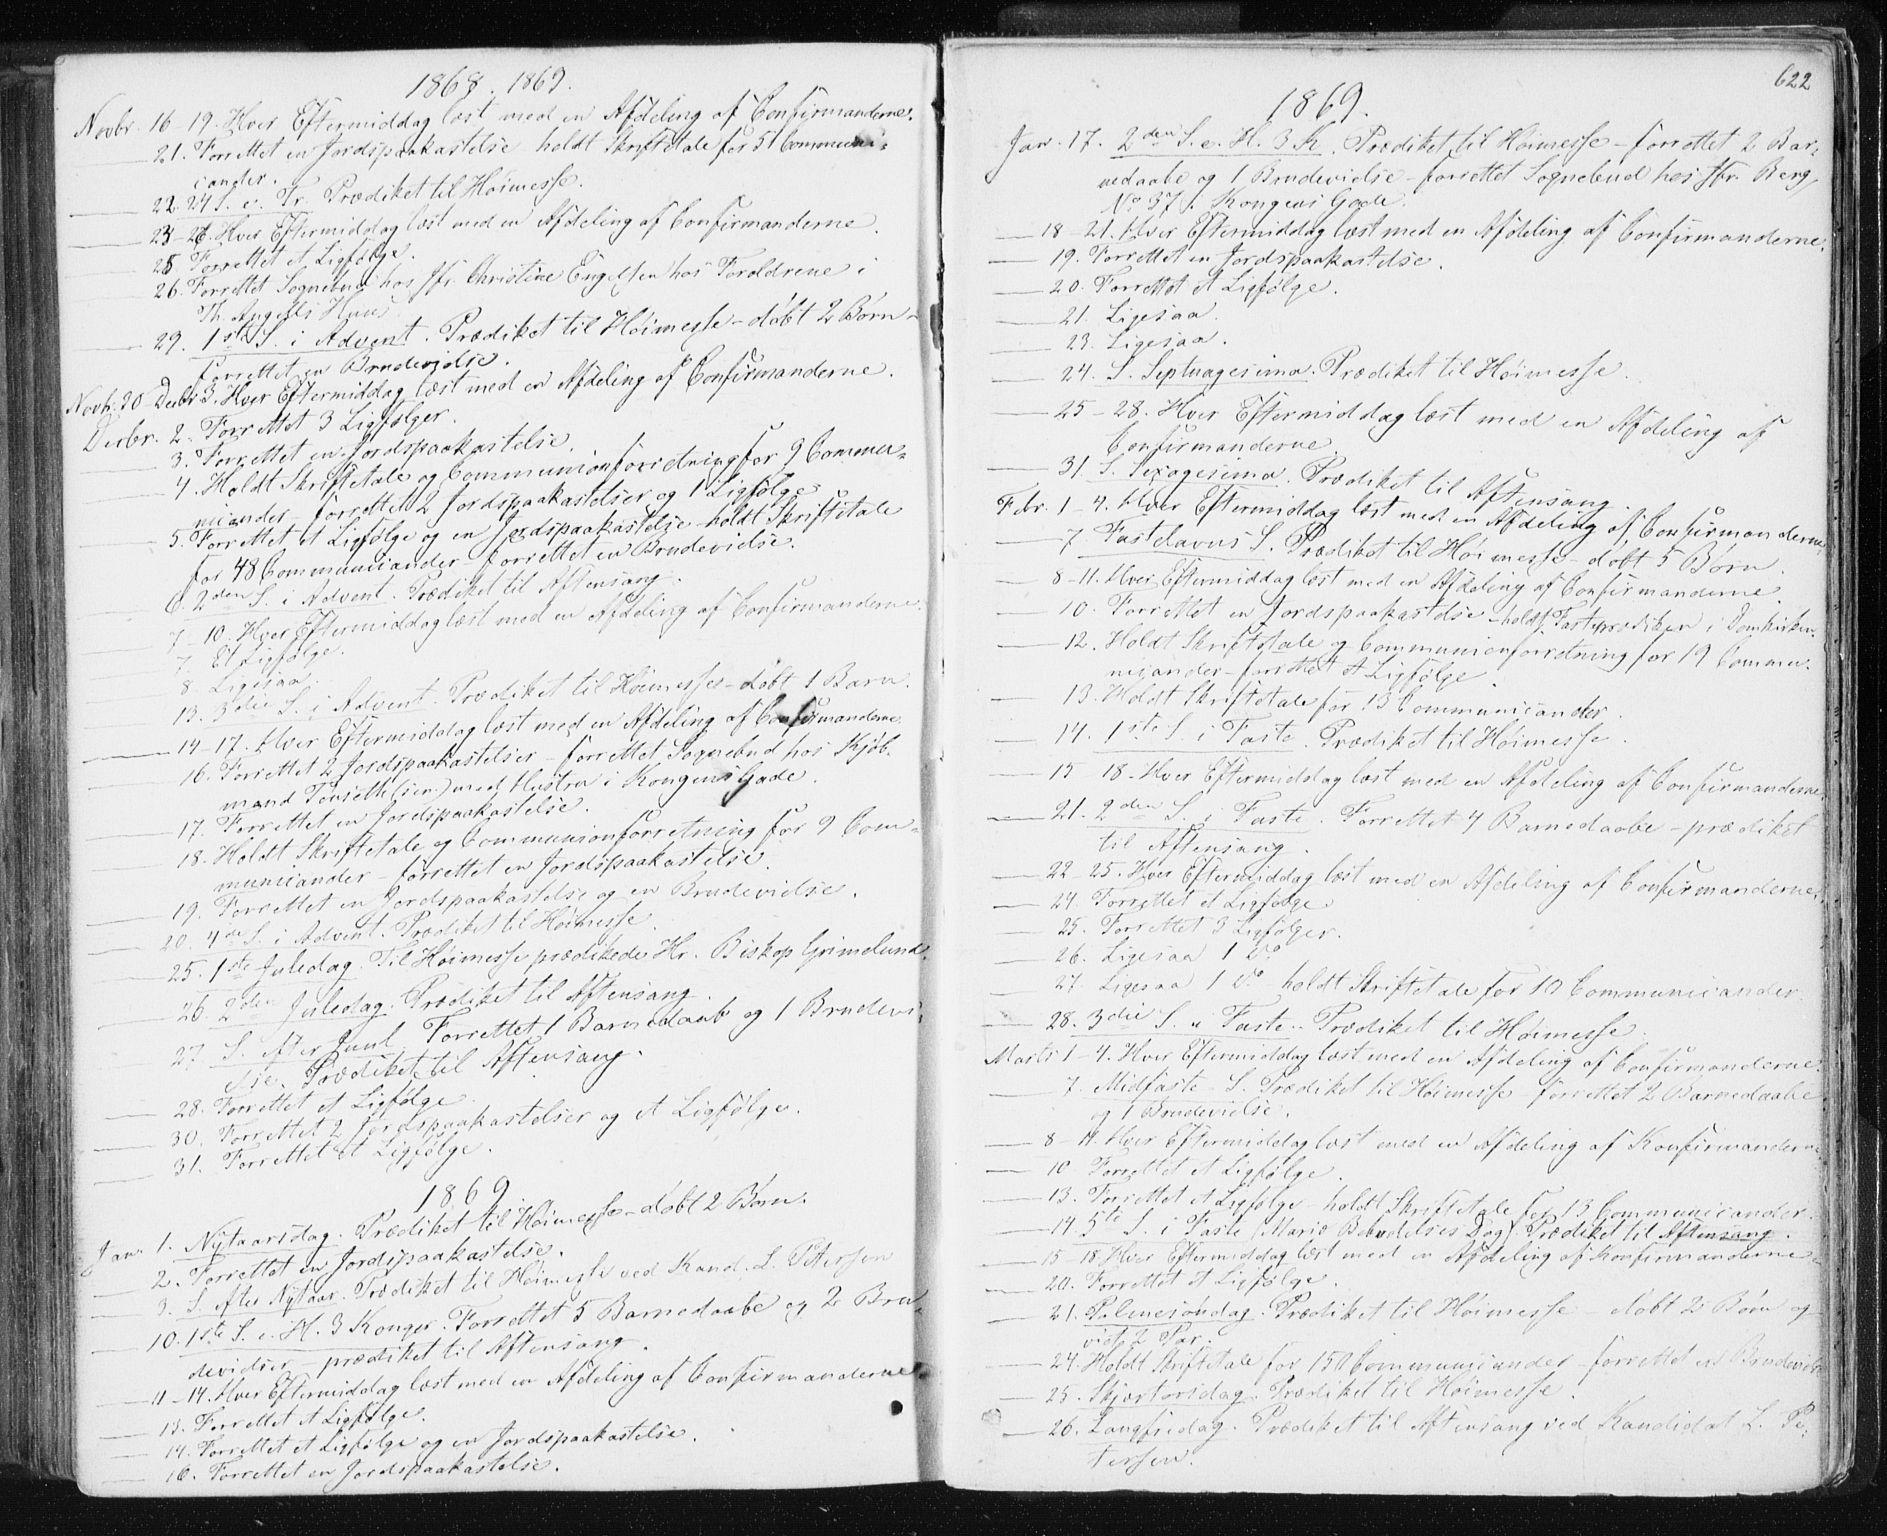 SAT, Ministerialprotokoller, klokkerbøker og fødselsregistre - Sør-Trøndelag, 601/L0055: Ministerialbok nr. 601A23, 1866-1877, s. 622